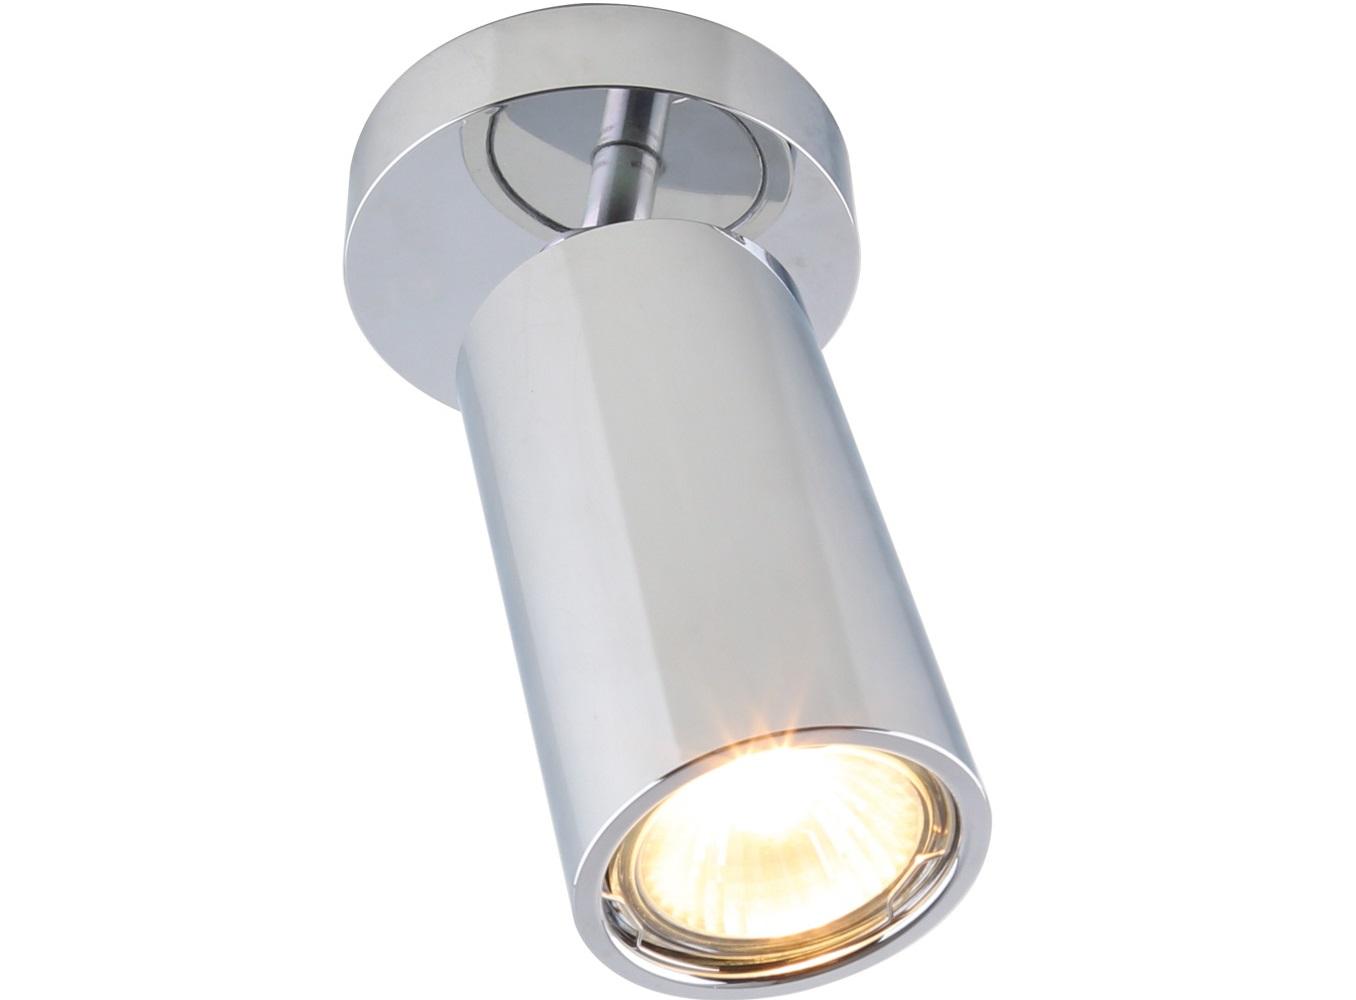 Потолочный светильникСпоты<br>&amp;lt;div&amp;gt;Вид цоколя: GU10&amp;lt;/div&amp;gt;&amp;lt;div&amp;gt;Мощность: 50W&amp;lt;/div&amp;gt;&amp;lt;div&amp;gt;Количество ламп: 1&amp;lt;/div&amp;gt;<br><br>Material: Алюминий<br>Height см: 15,5<br>Diameter см: 9